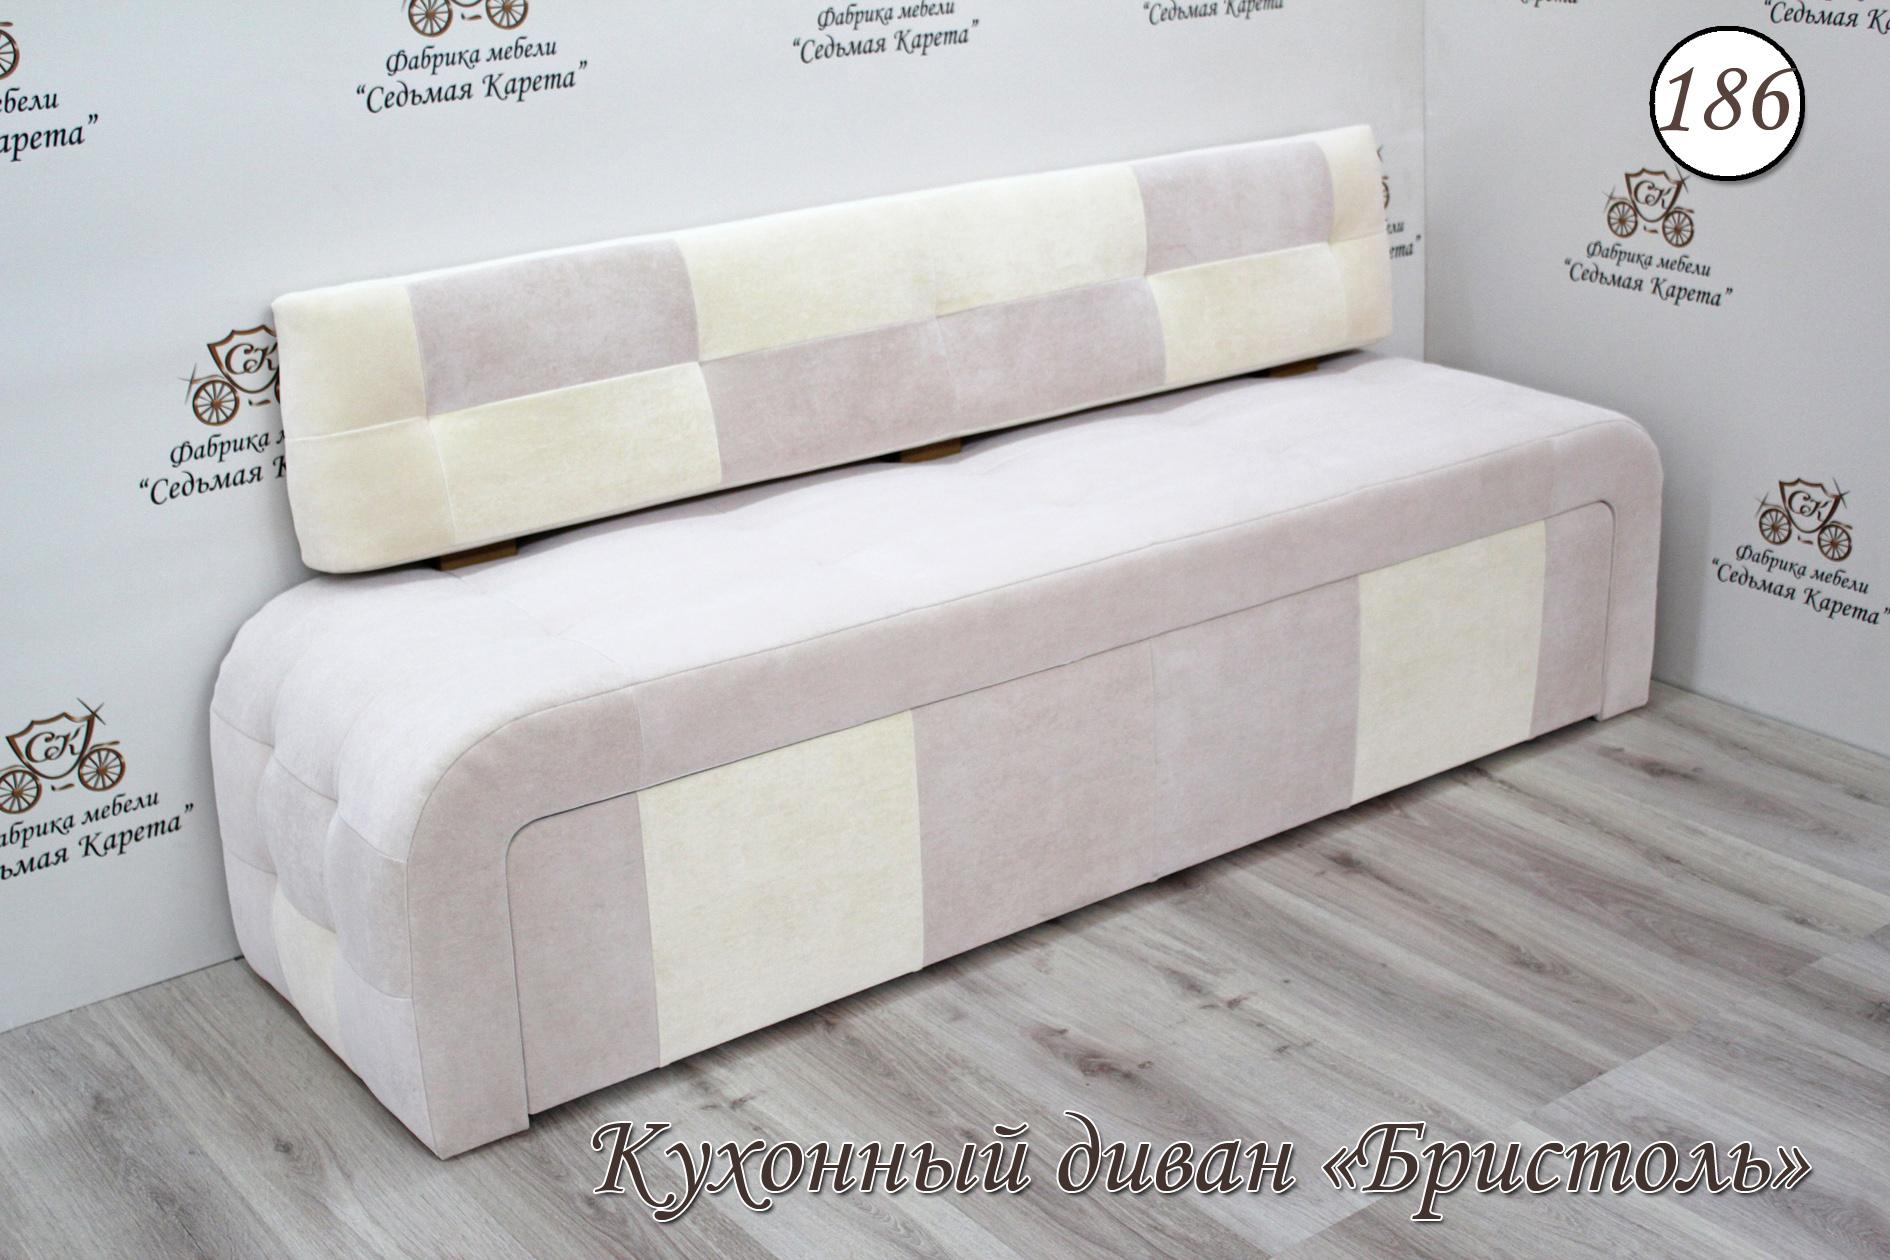 Кухонный диван Бристоль-186 фото